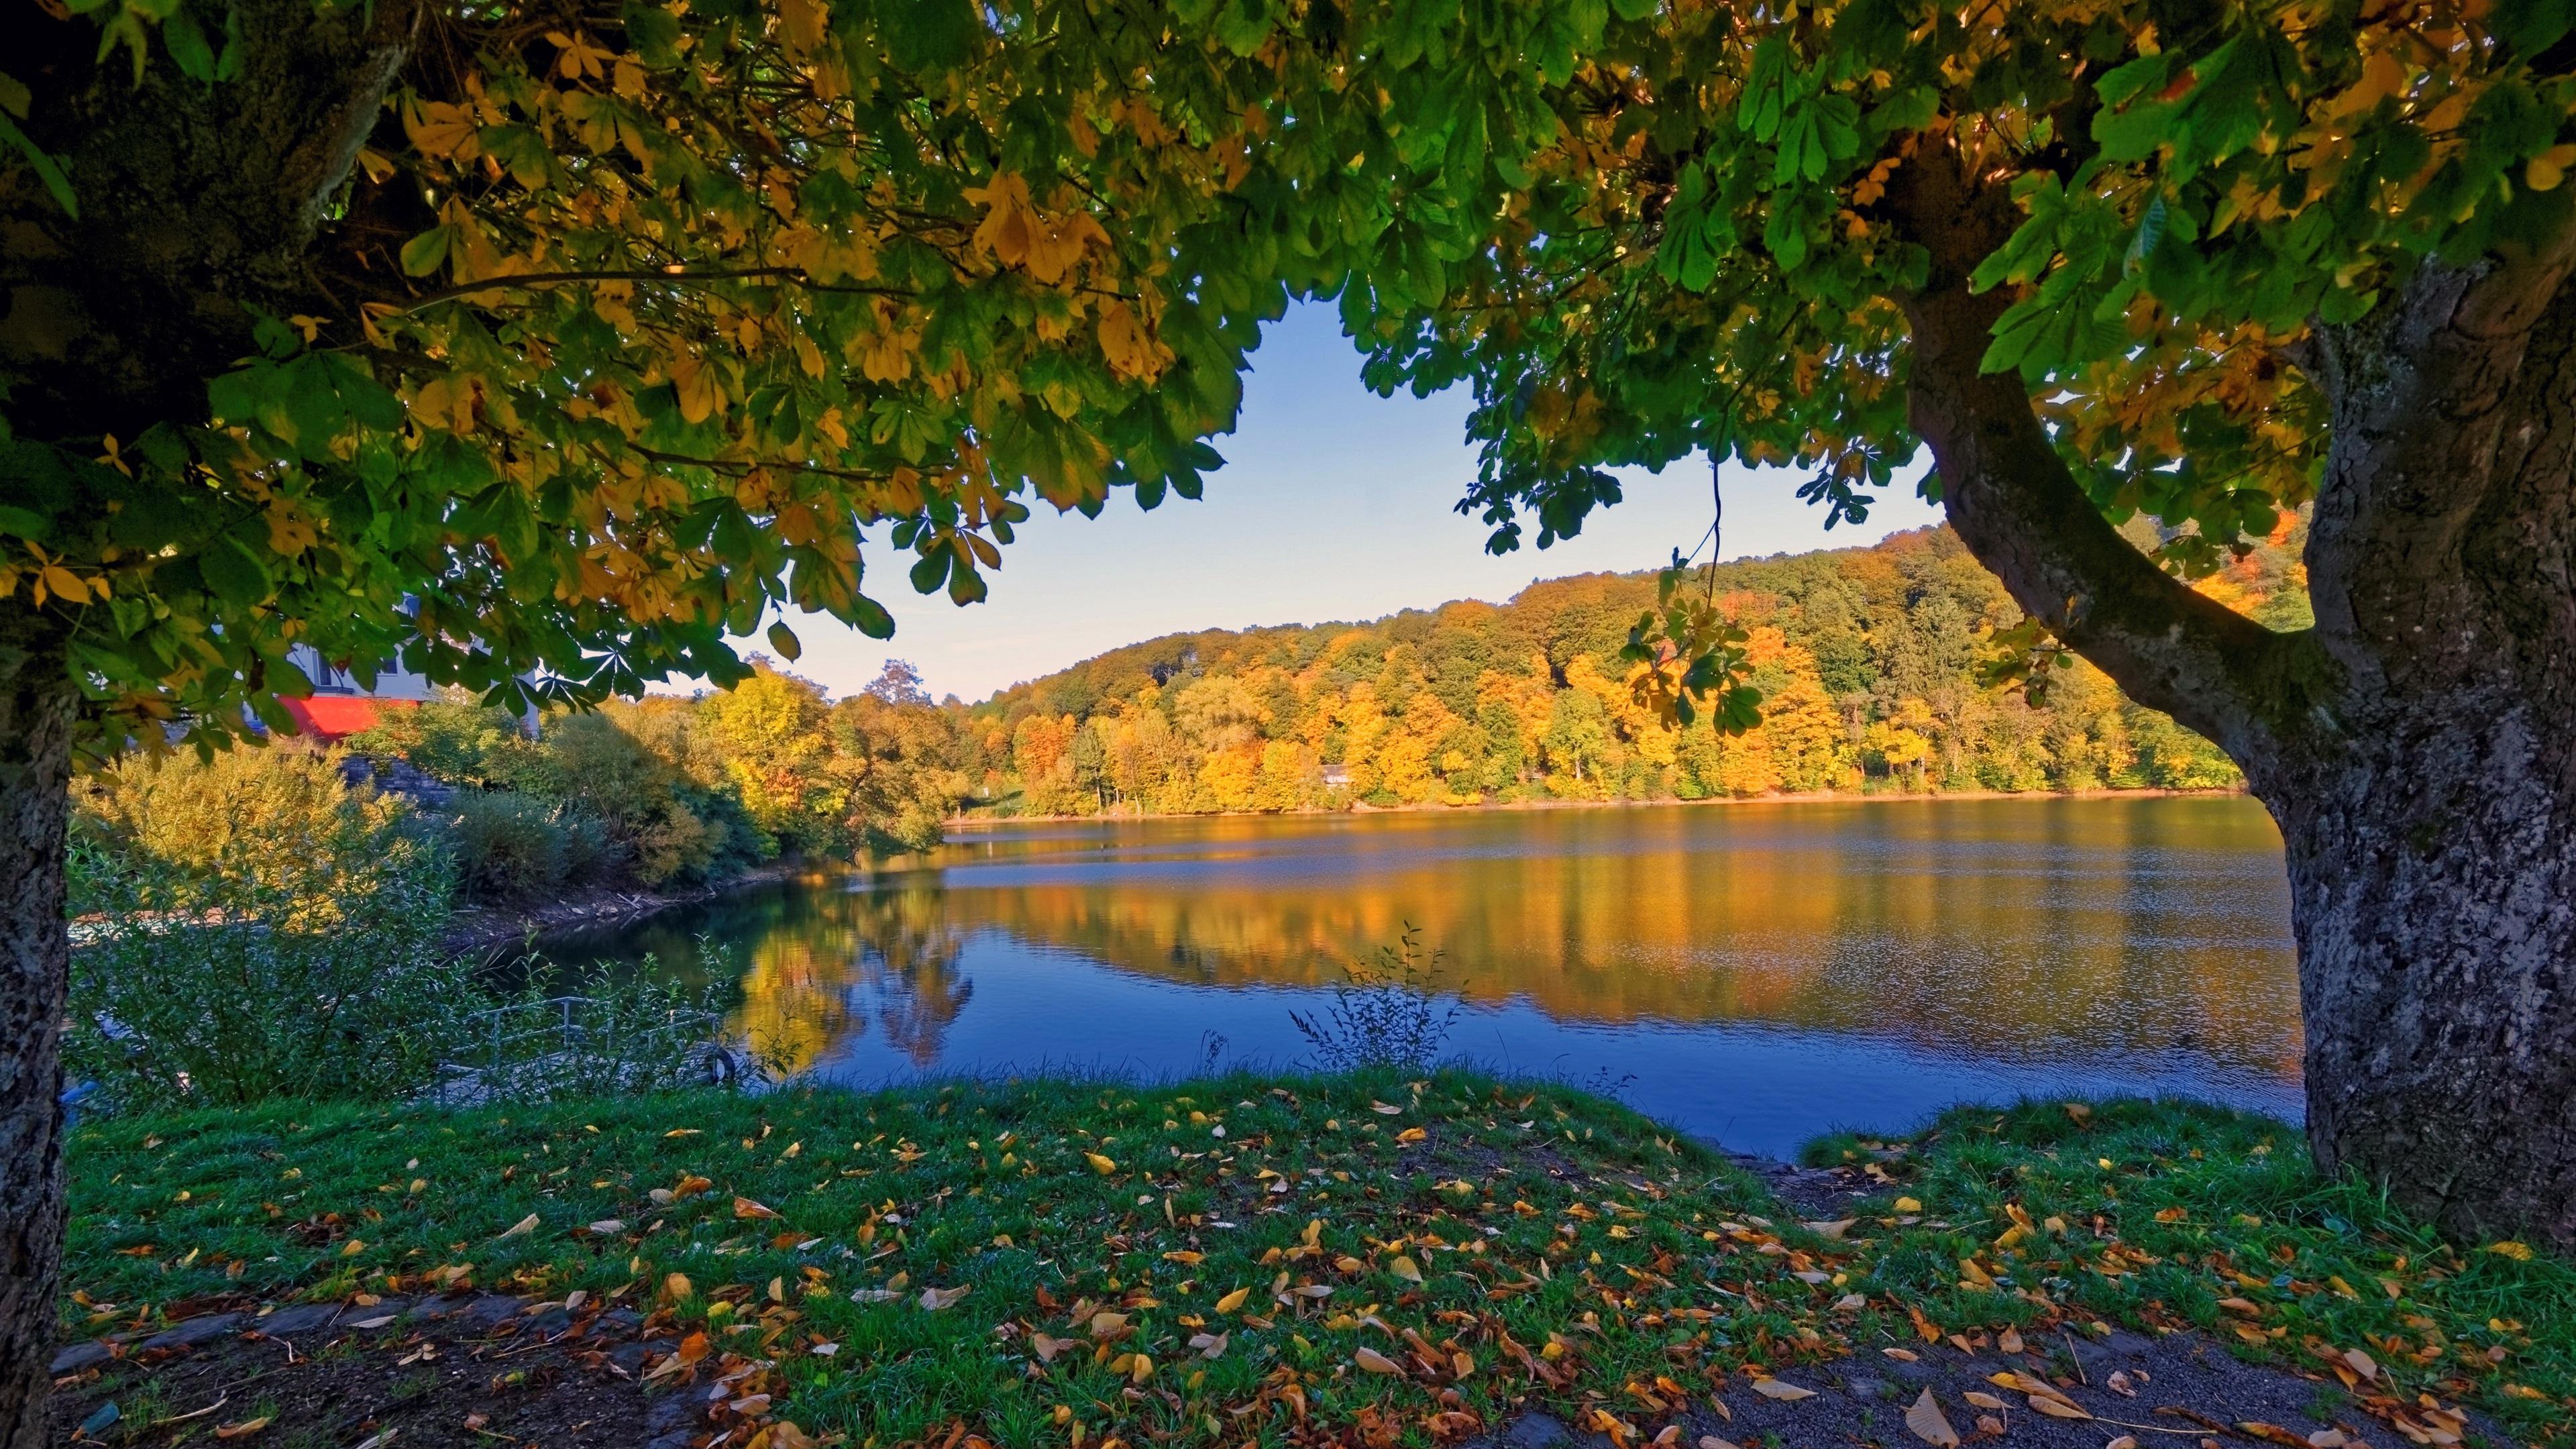 가을, 나무, 강, 노란색 단풍 독일 Ulmen 배경 화면 ... Yellow